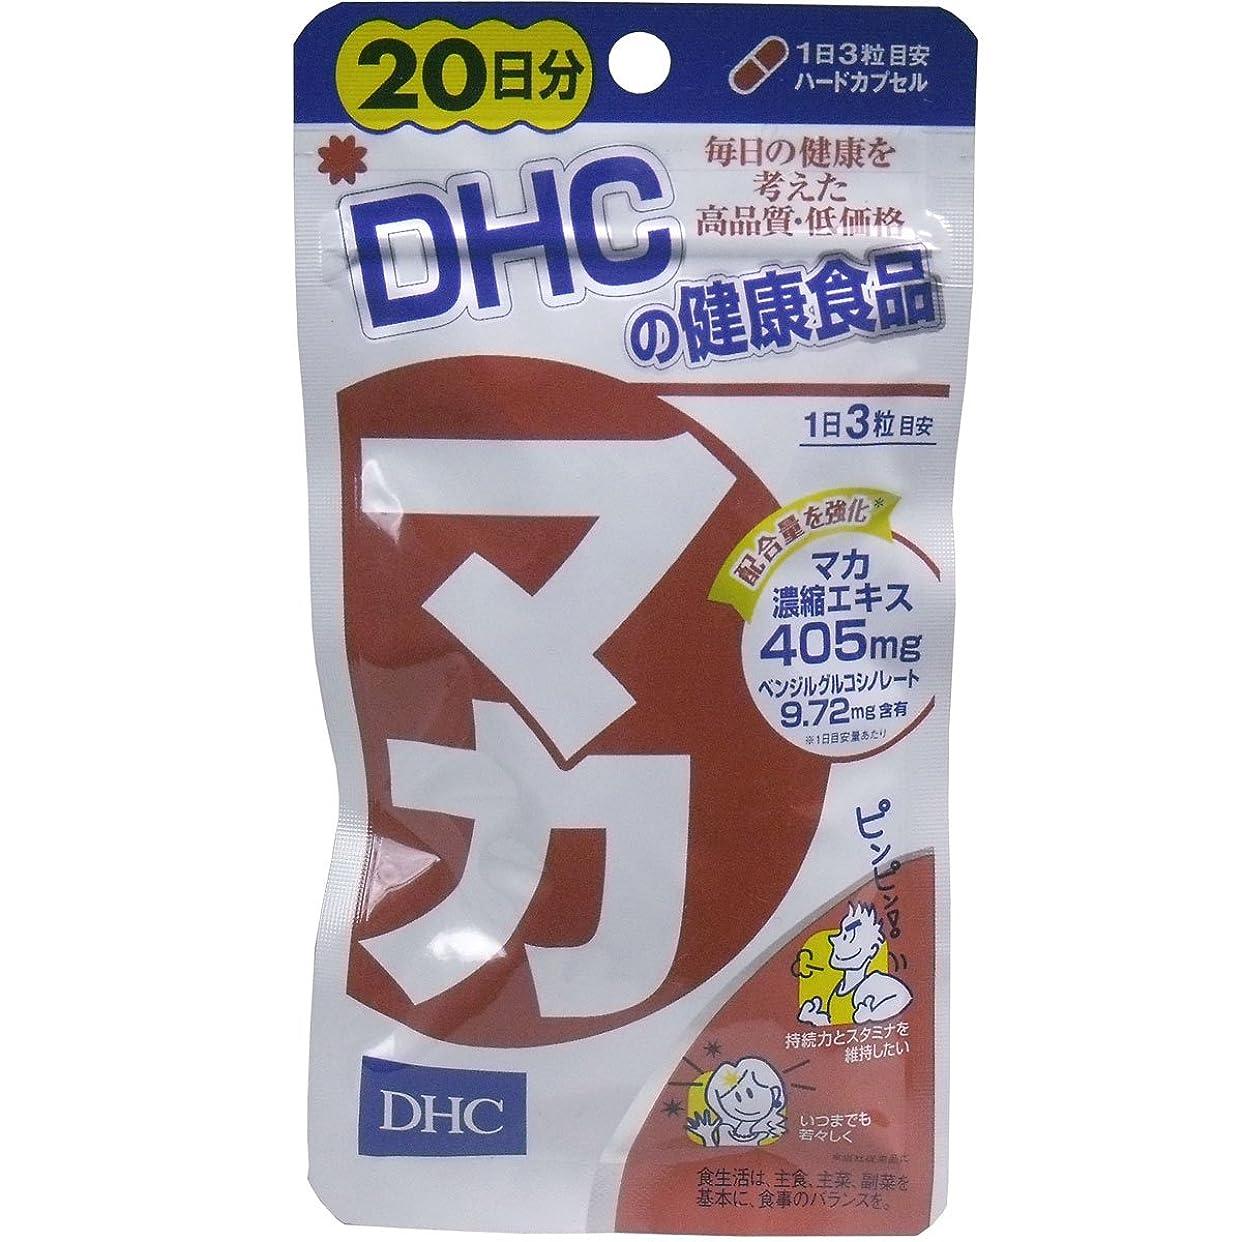 一致する許容できる凝視DHC マカ 20日分 60粒(お買い得3個セット)